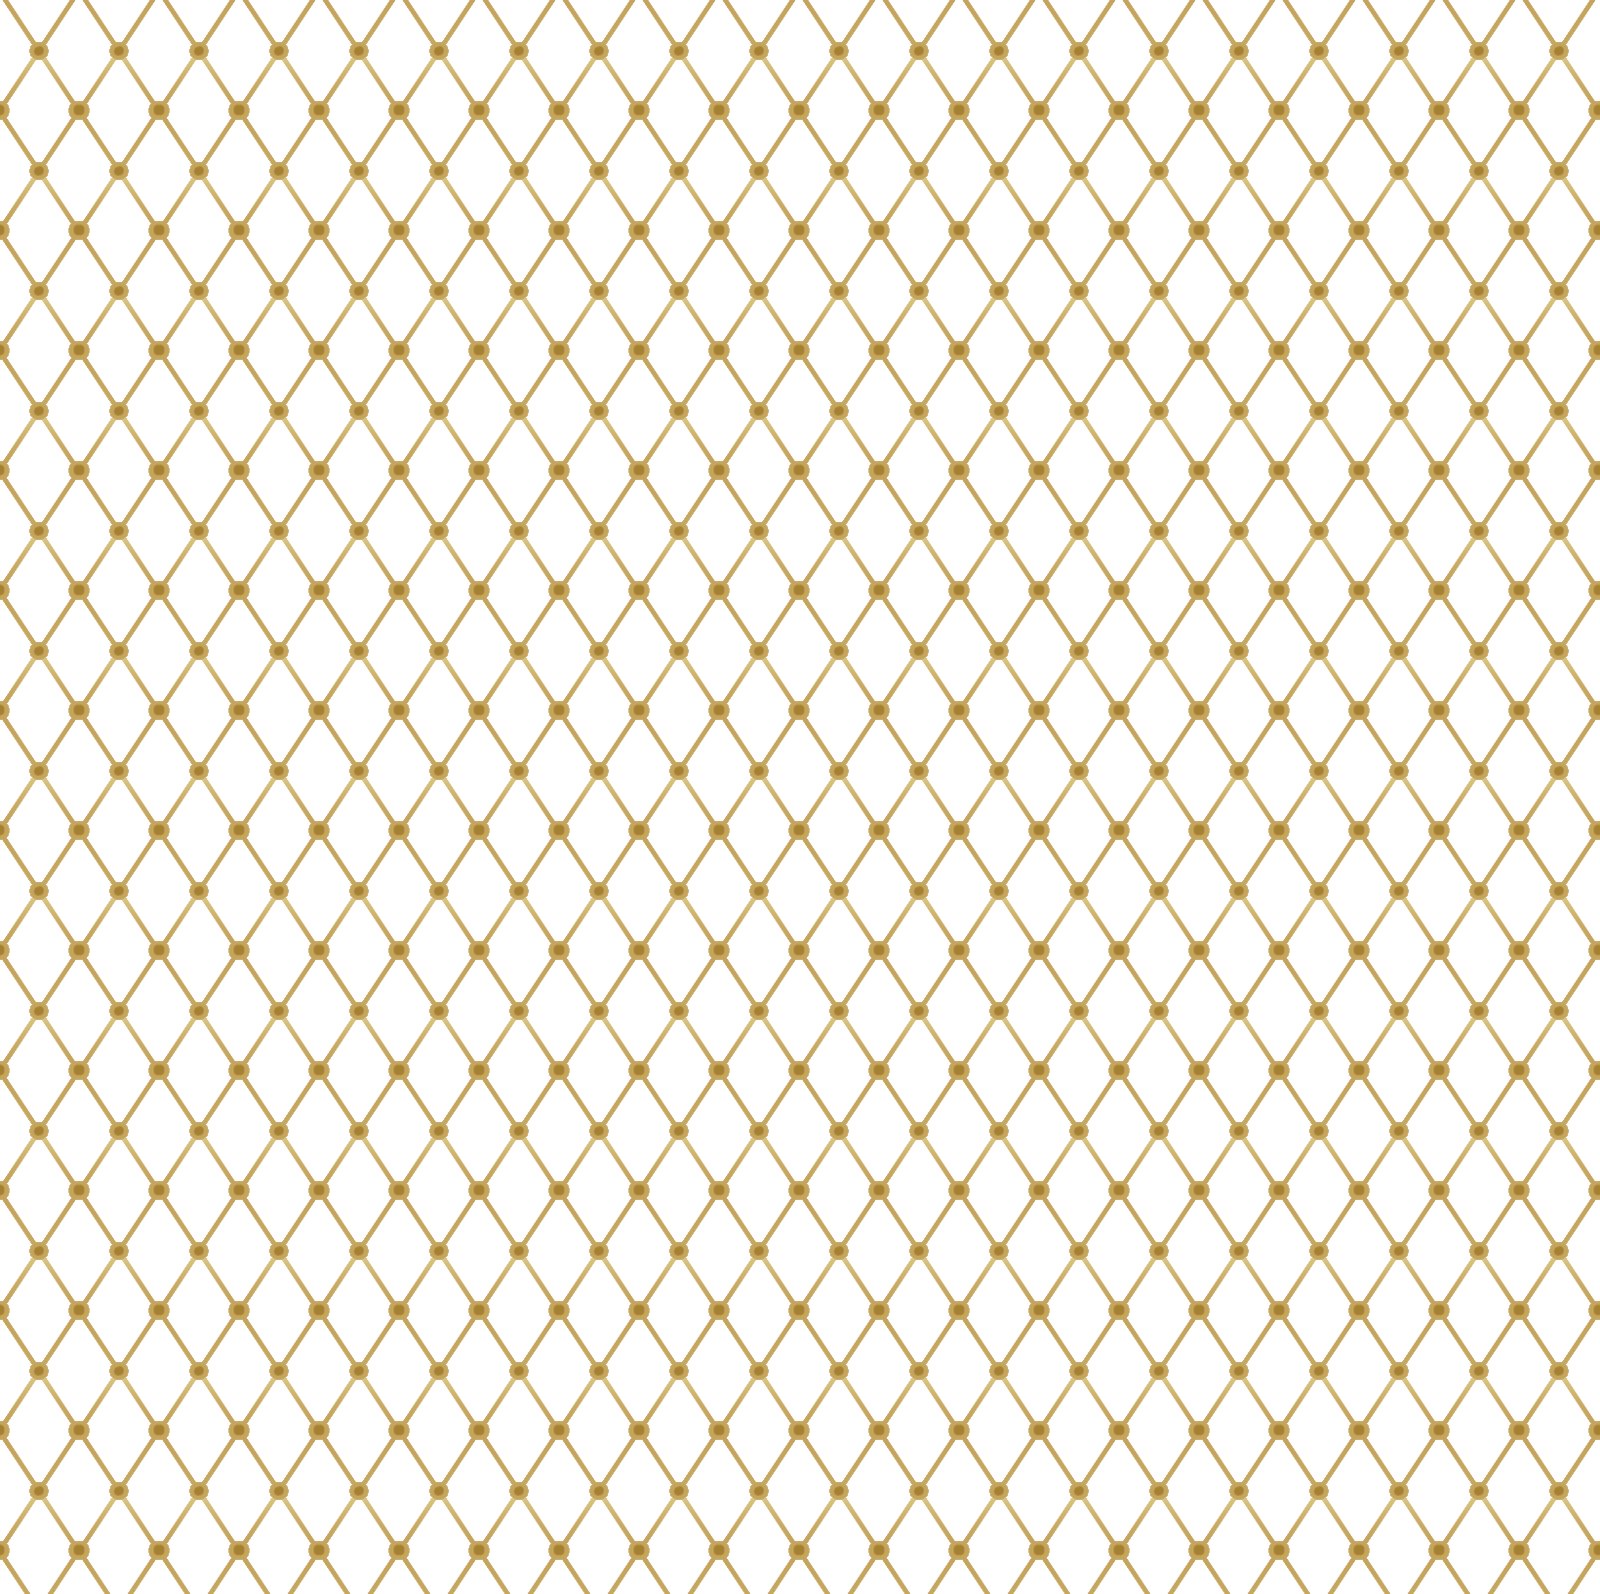 картинка прозрачная сетка кровати трансформеры для